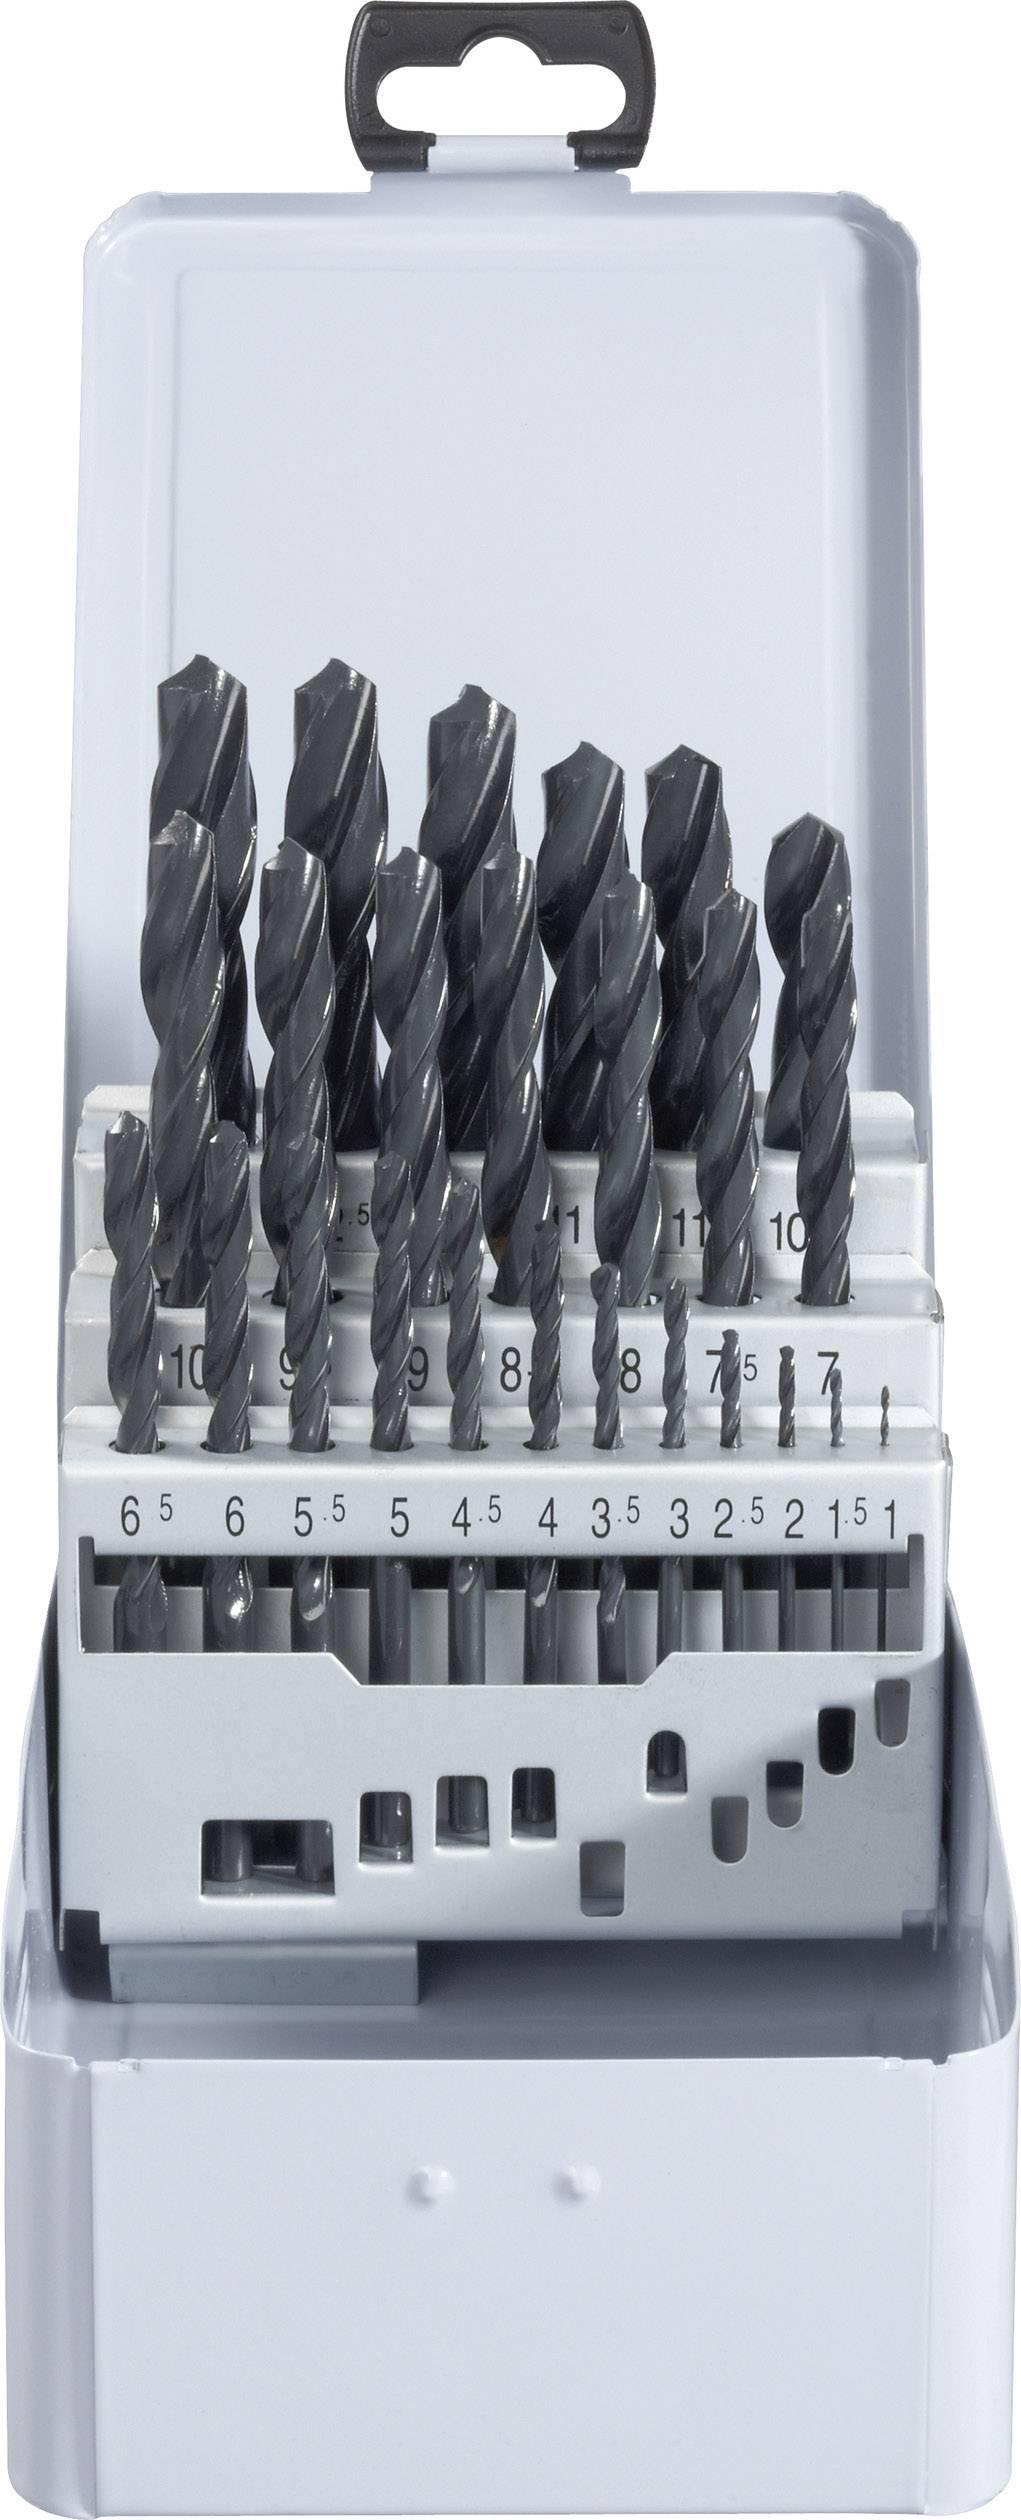 Sada špirálových vrtákov do kovu TOOLCRAFT 822604, N/A, HSS, 25-dielna